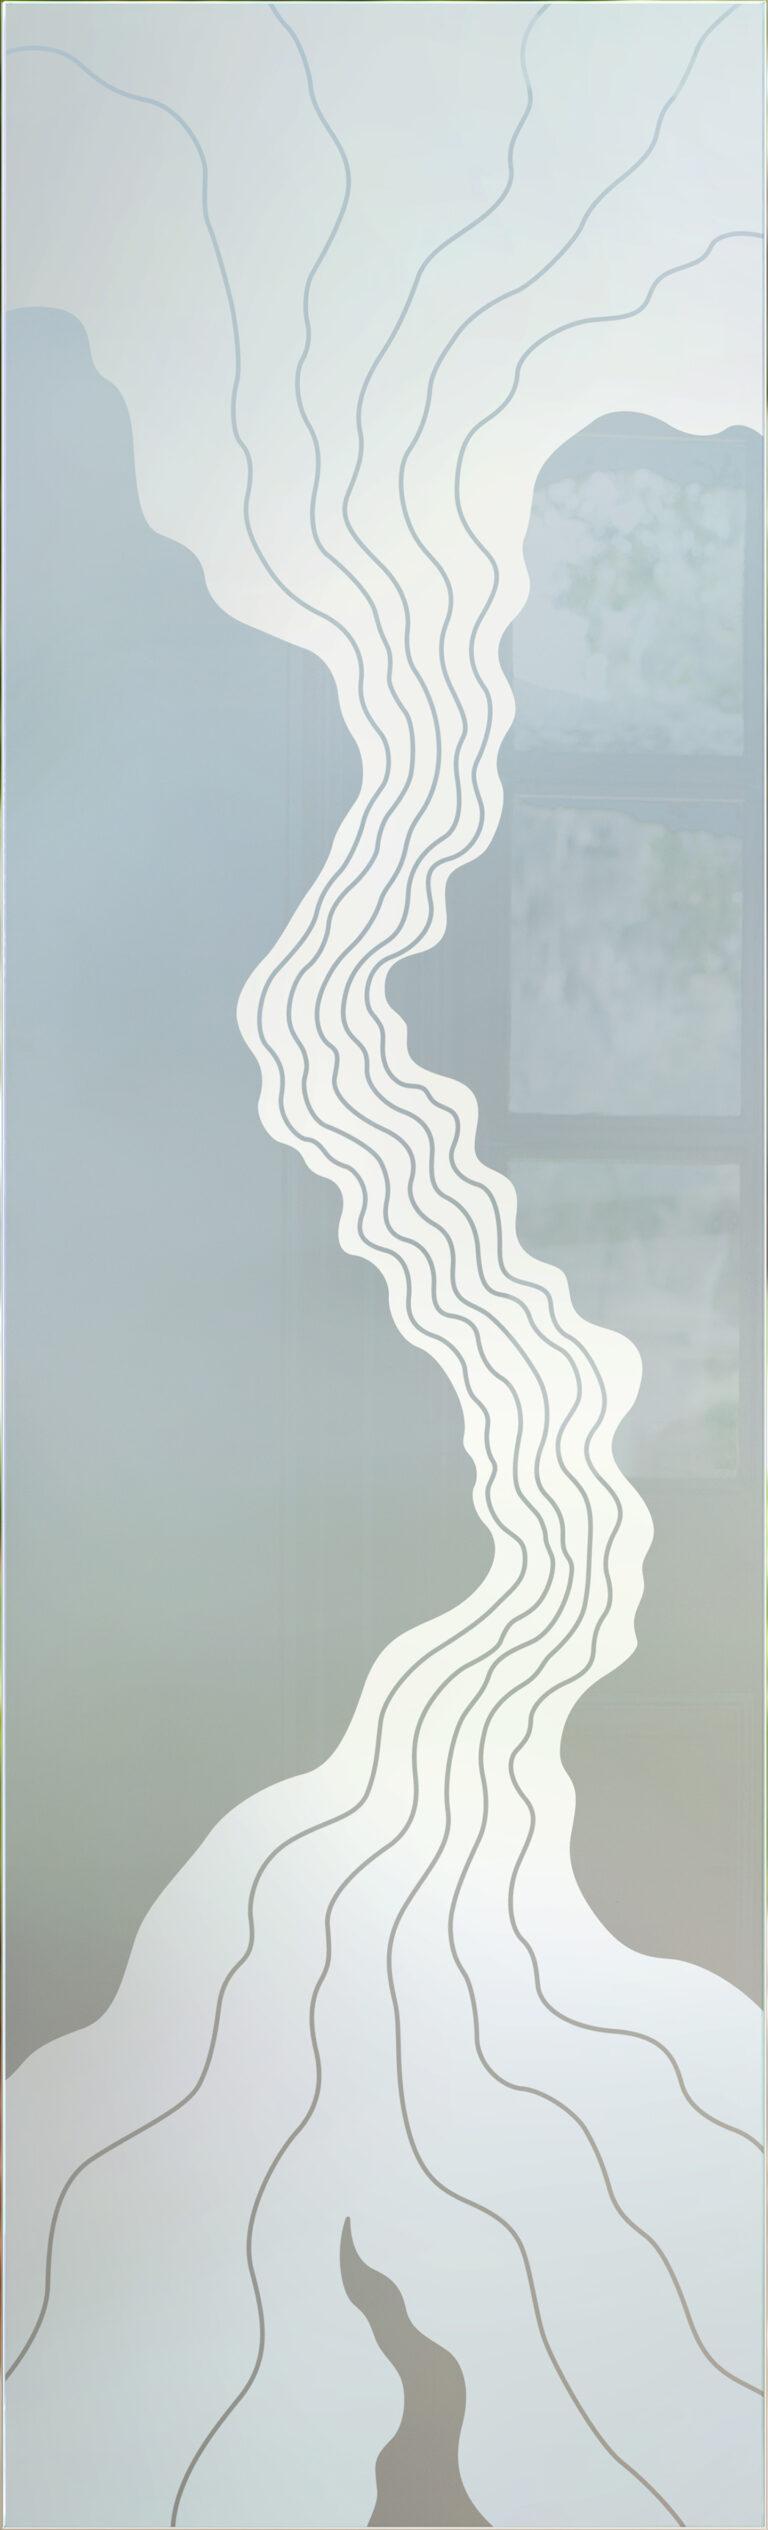 Triptic Wave